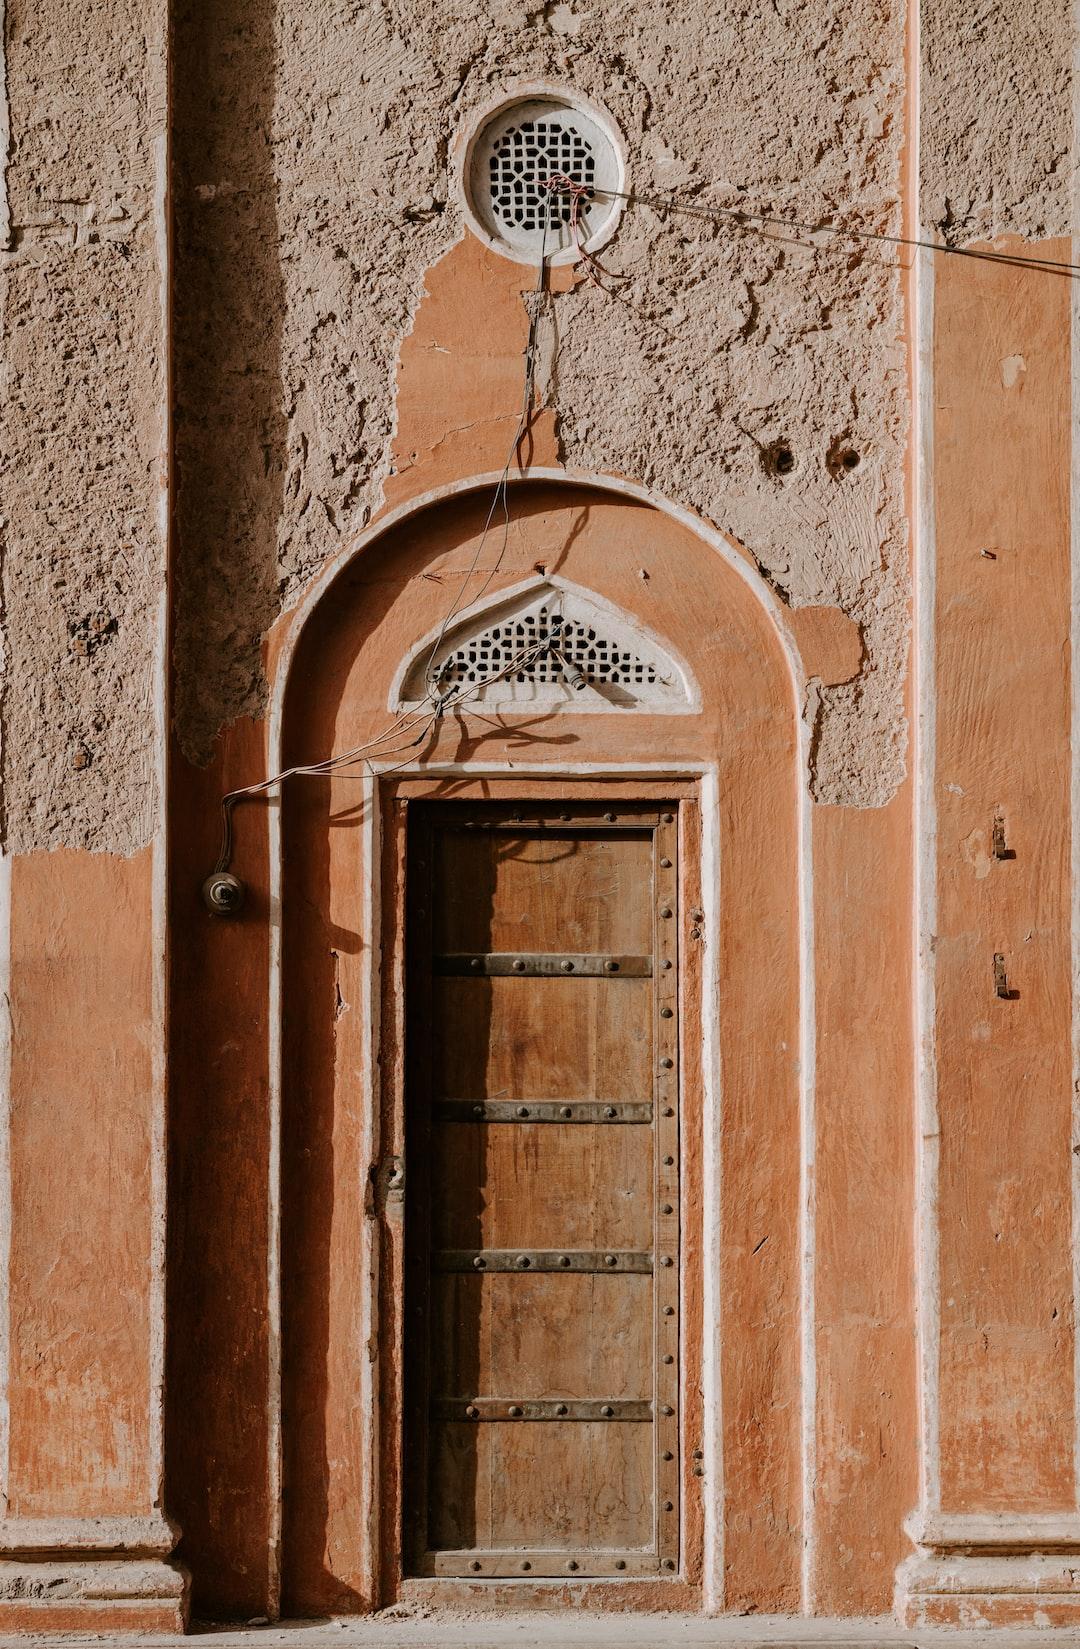 Terracotta door / doorway